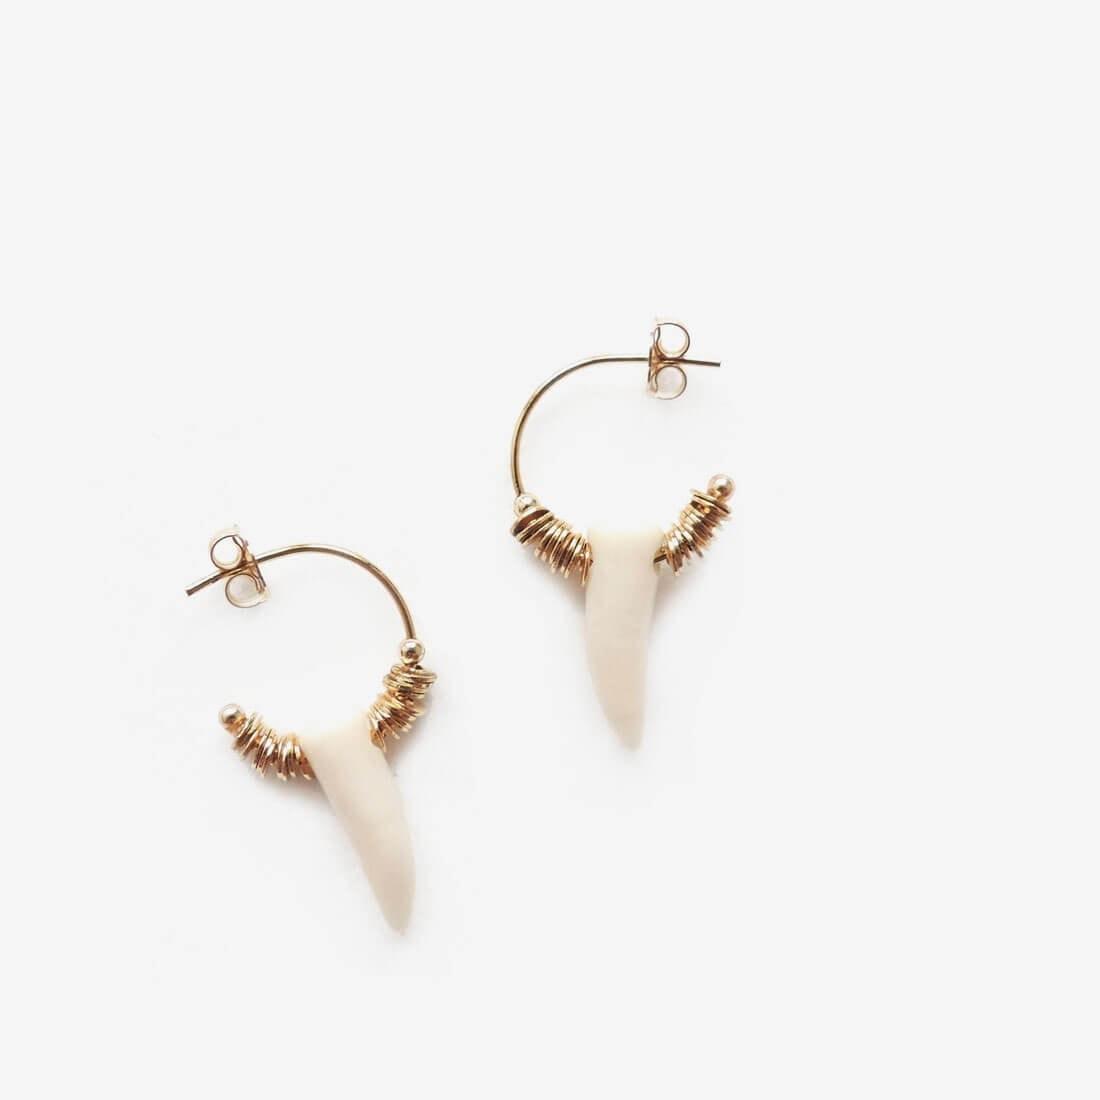 boucle d'oreille cornes